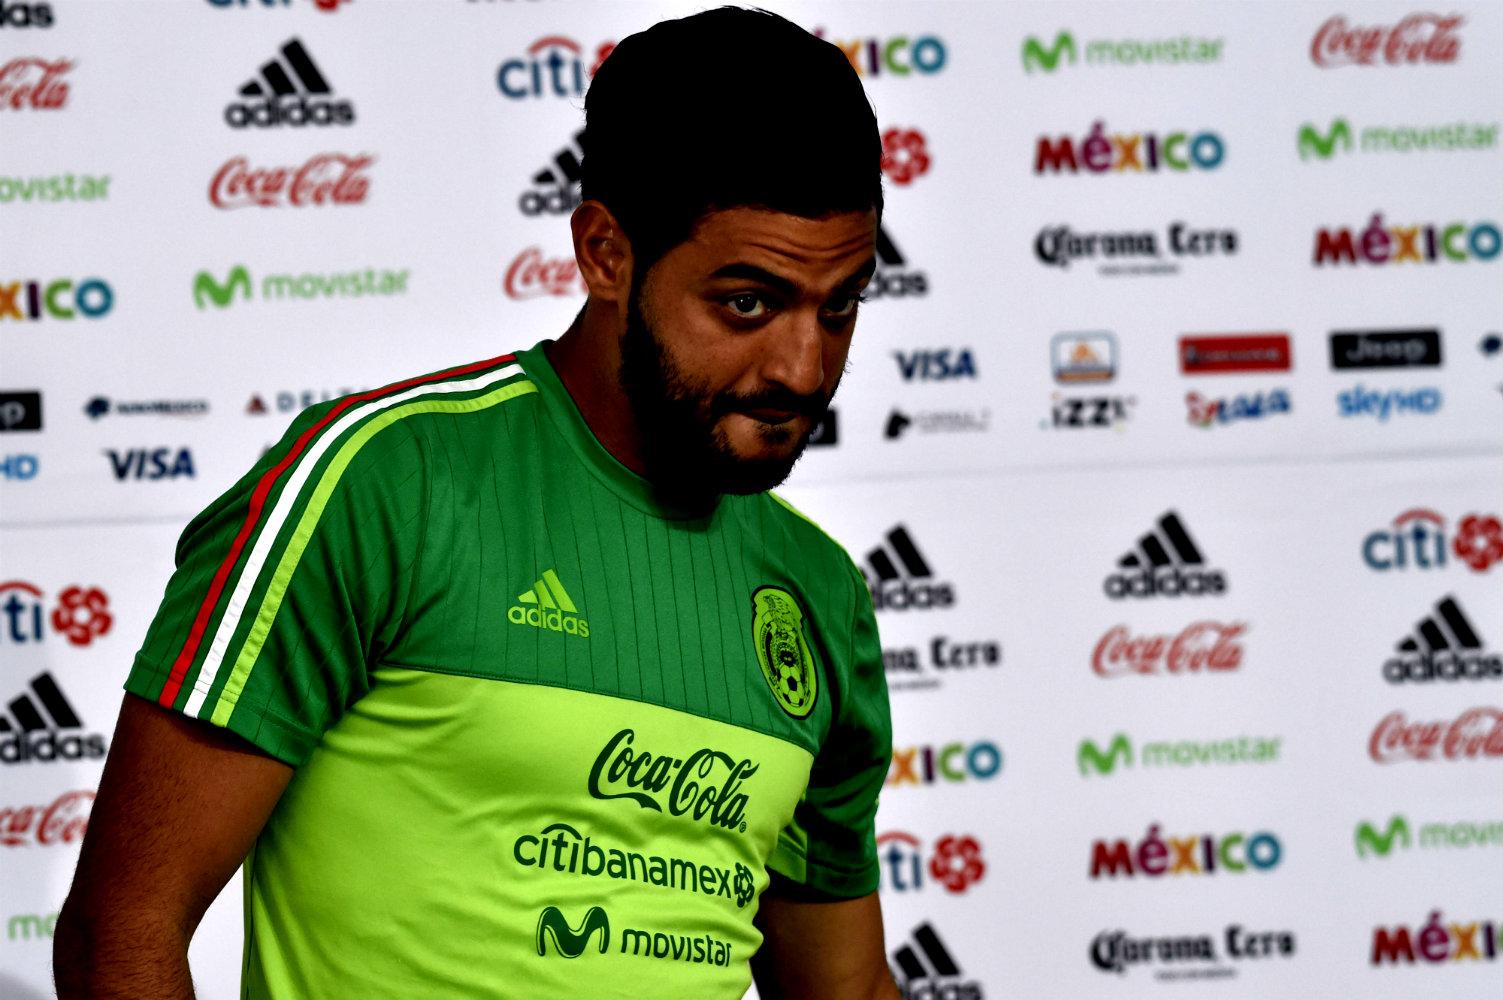 El contrato del mexicano con la Real Sociedad vence en 2018.